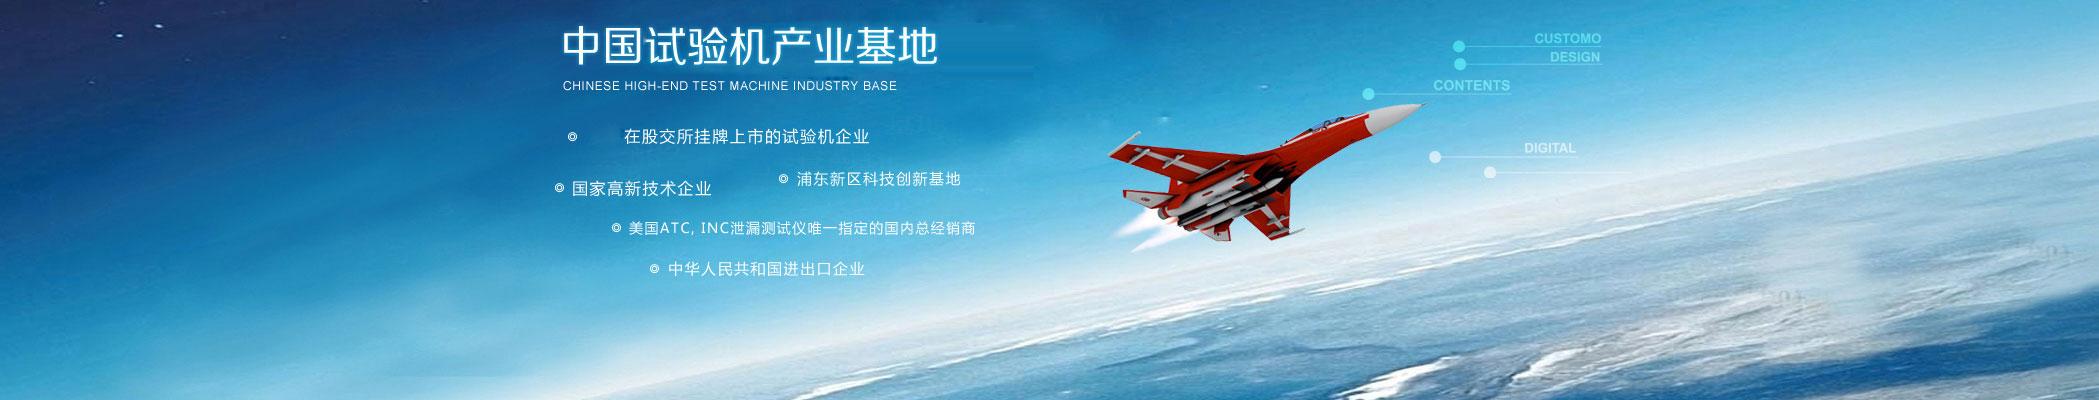 中国高端试验机产业基地